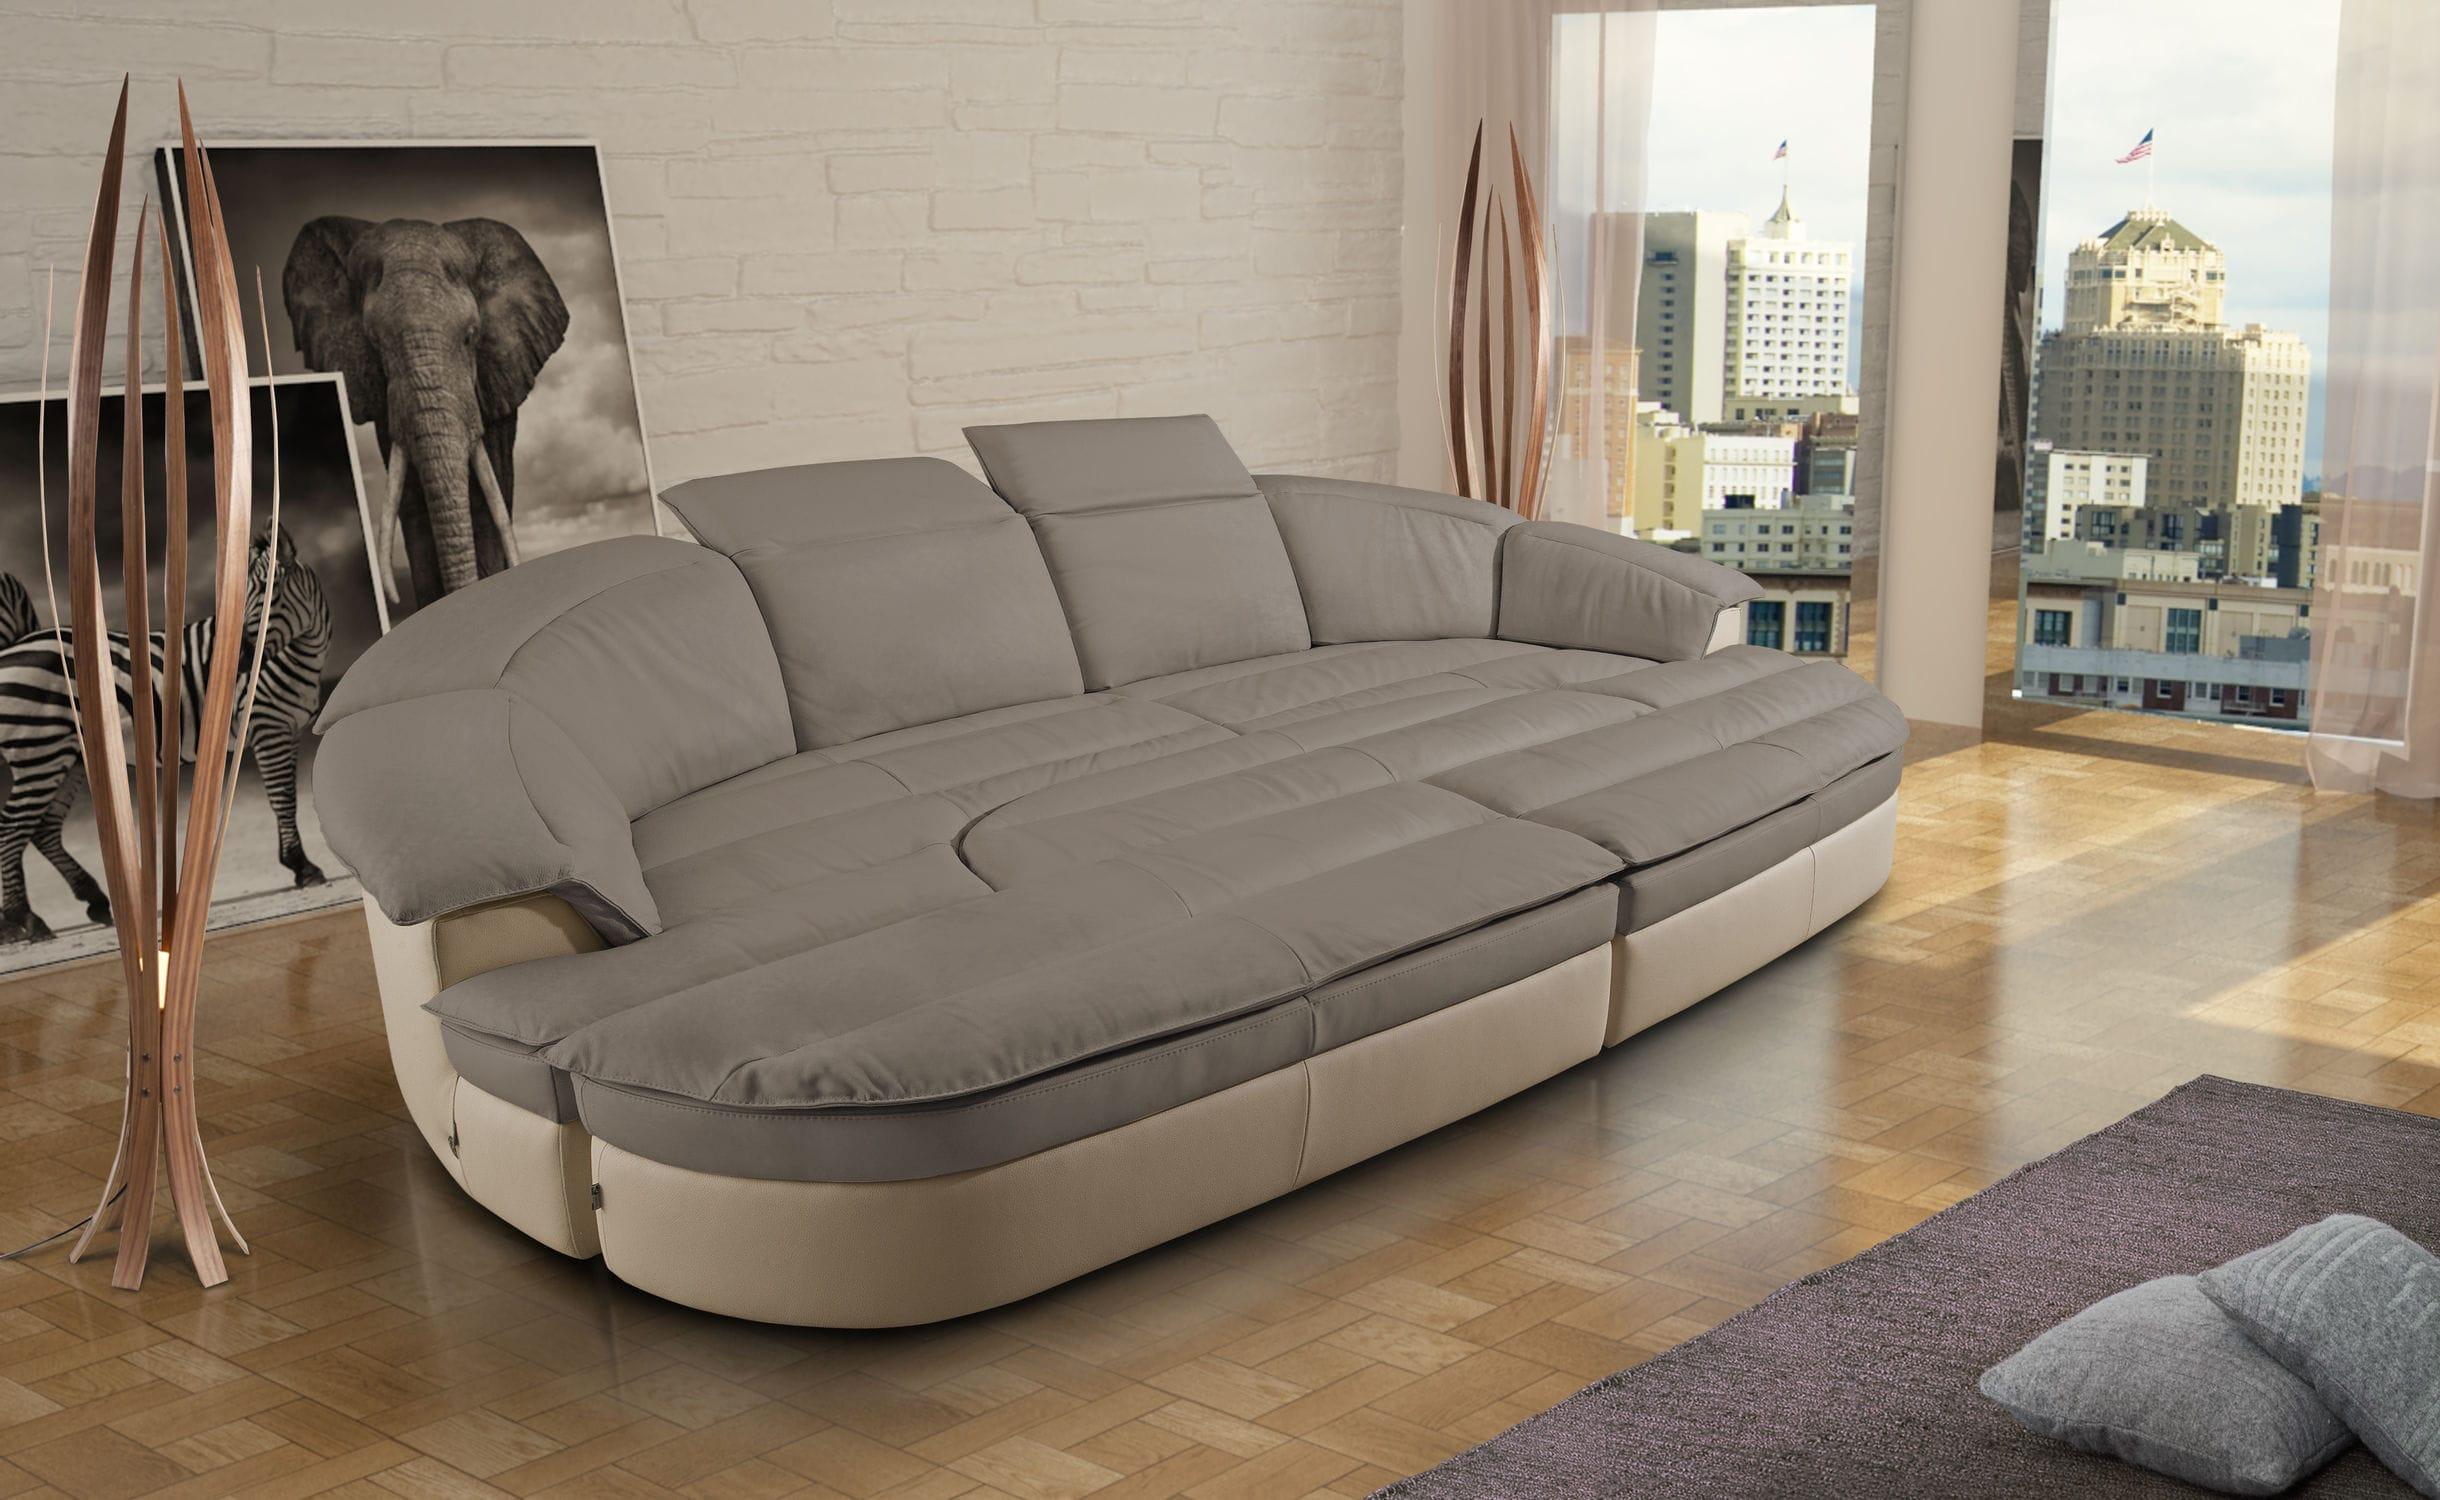 Sofa halbrund  Modulierbares Sofa / halbrund / modern / Leder - GALAXY COMBI - Nieri